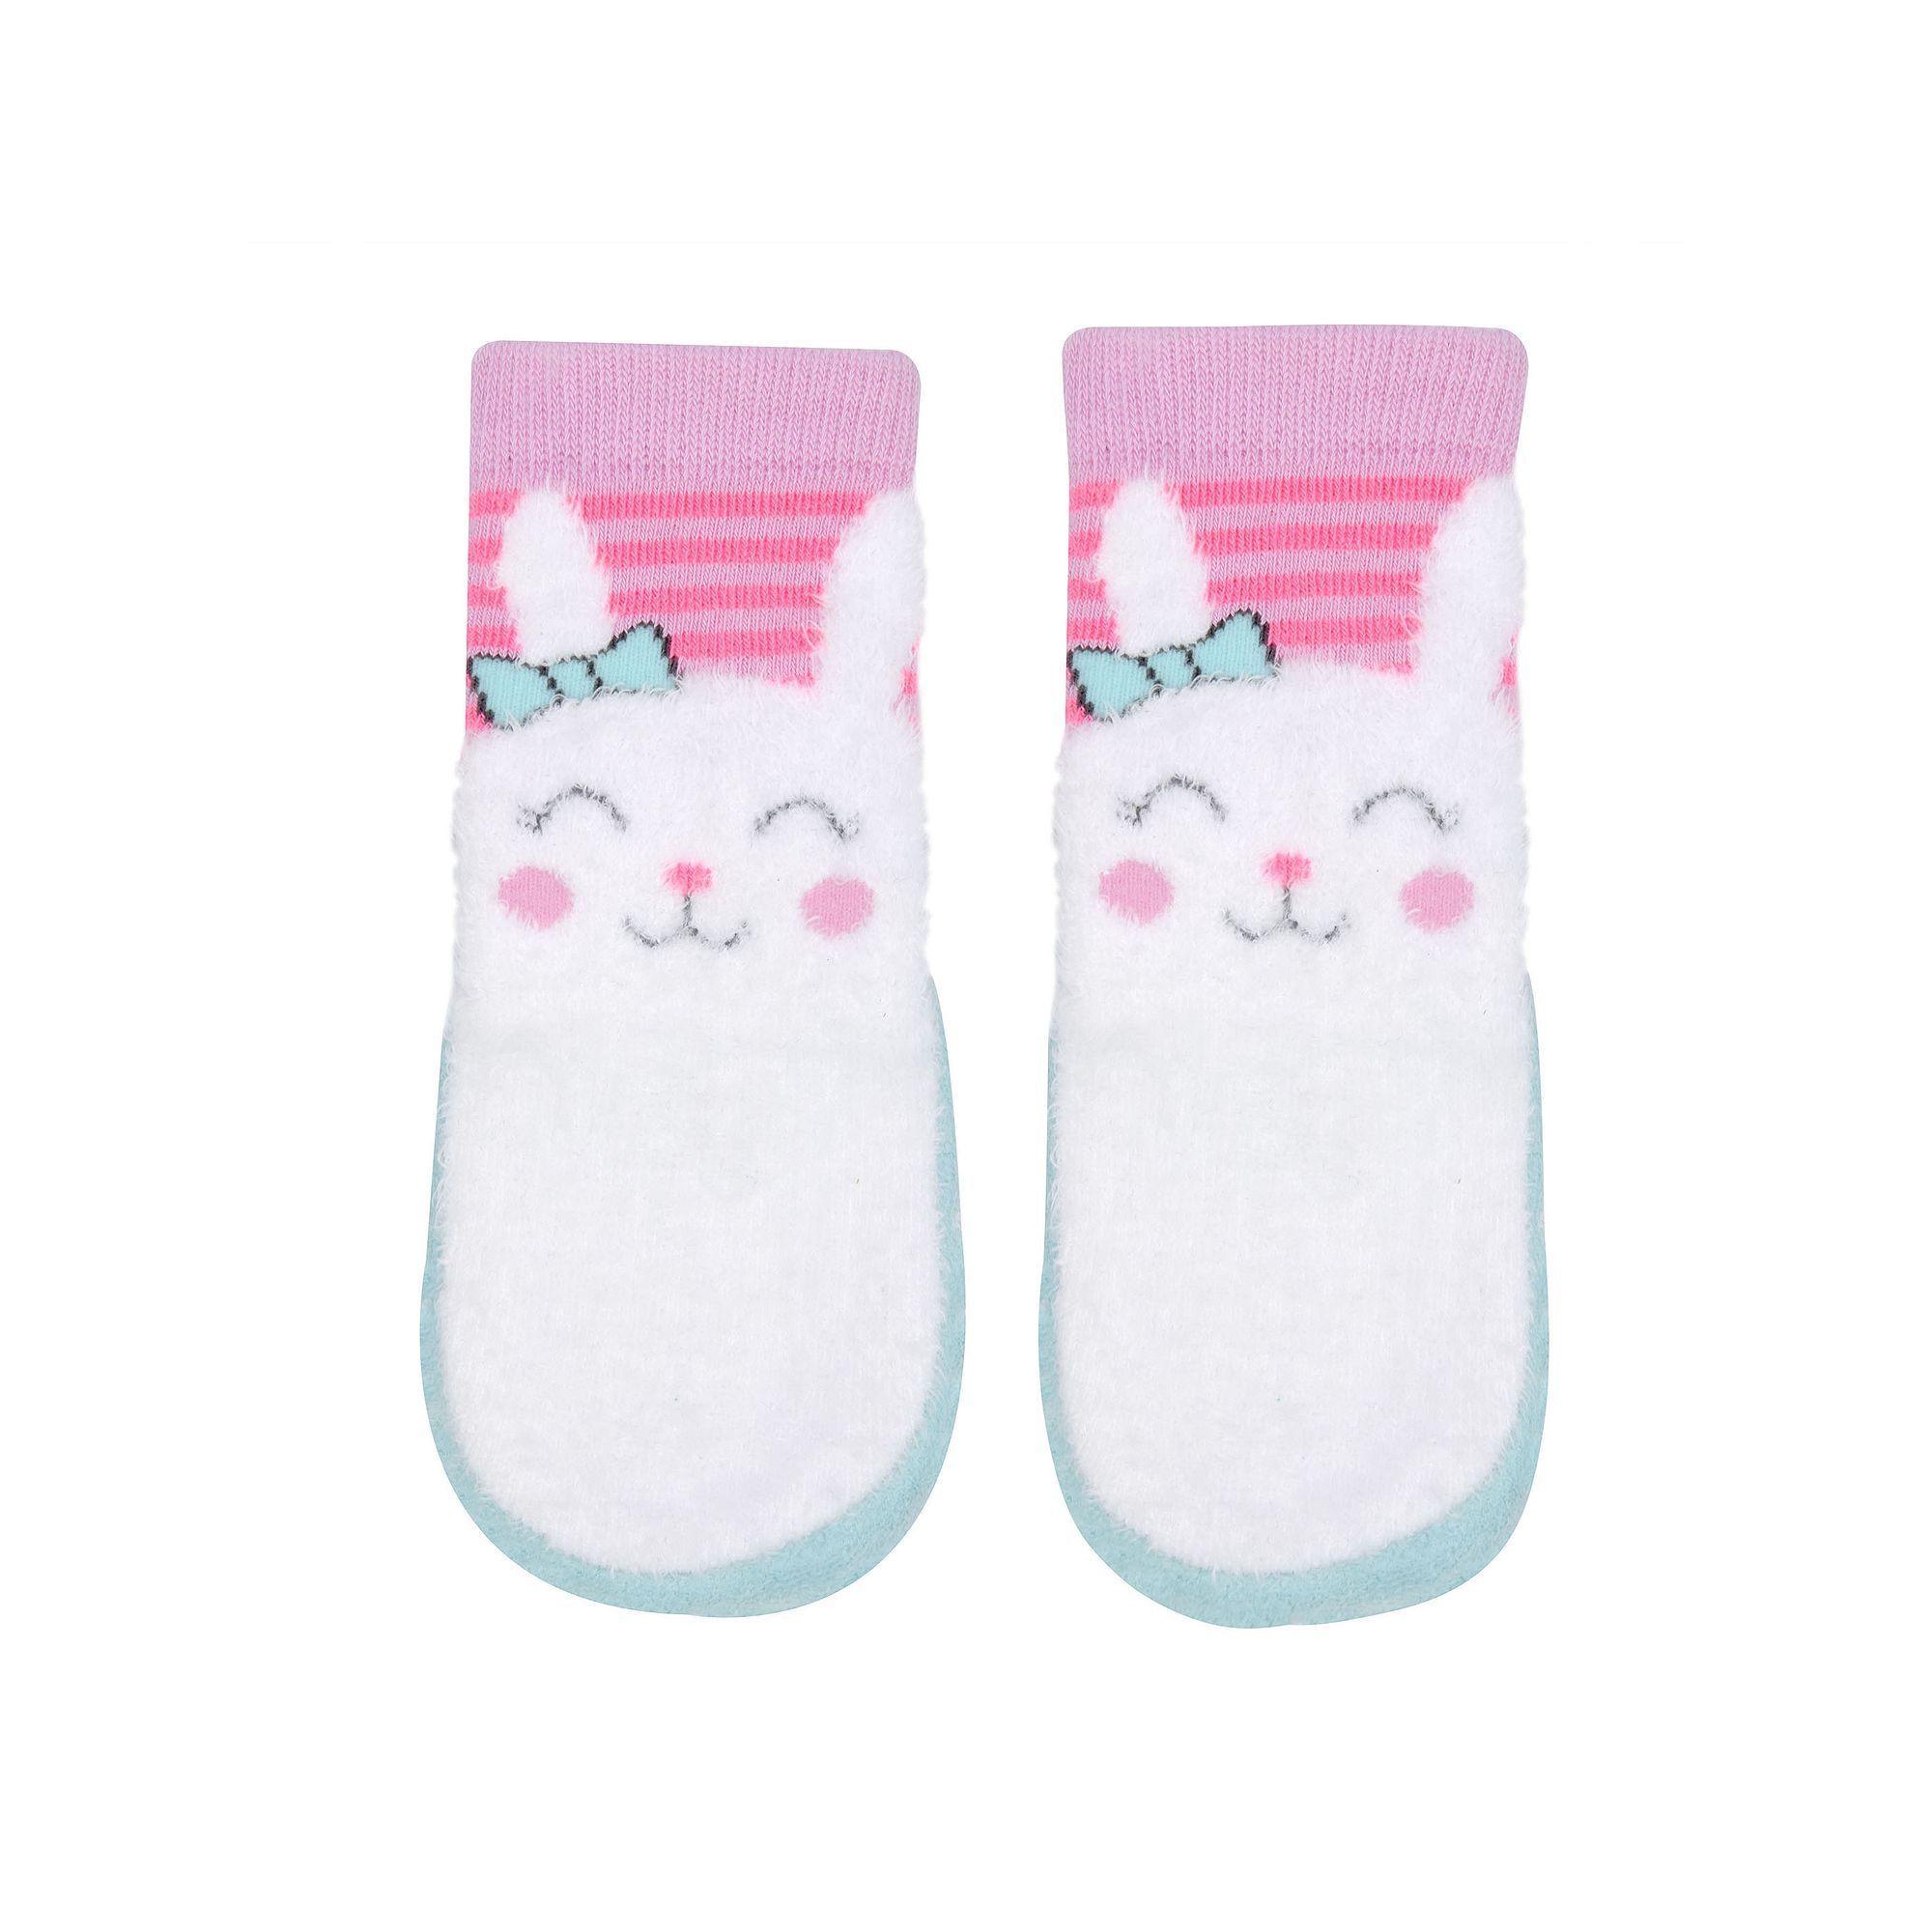 dfc002fafc8 Baby girl jumping beansbunny slipper socks multicolor jpg 2000x2000 Girl  slipper socks